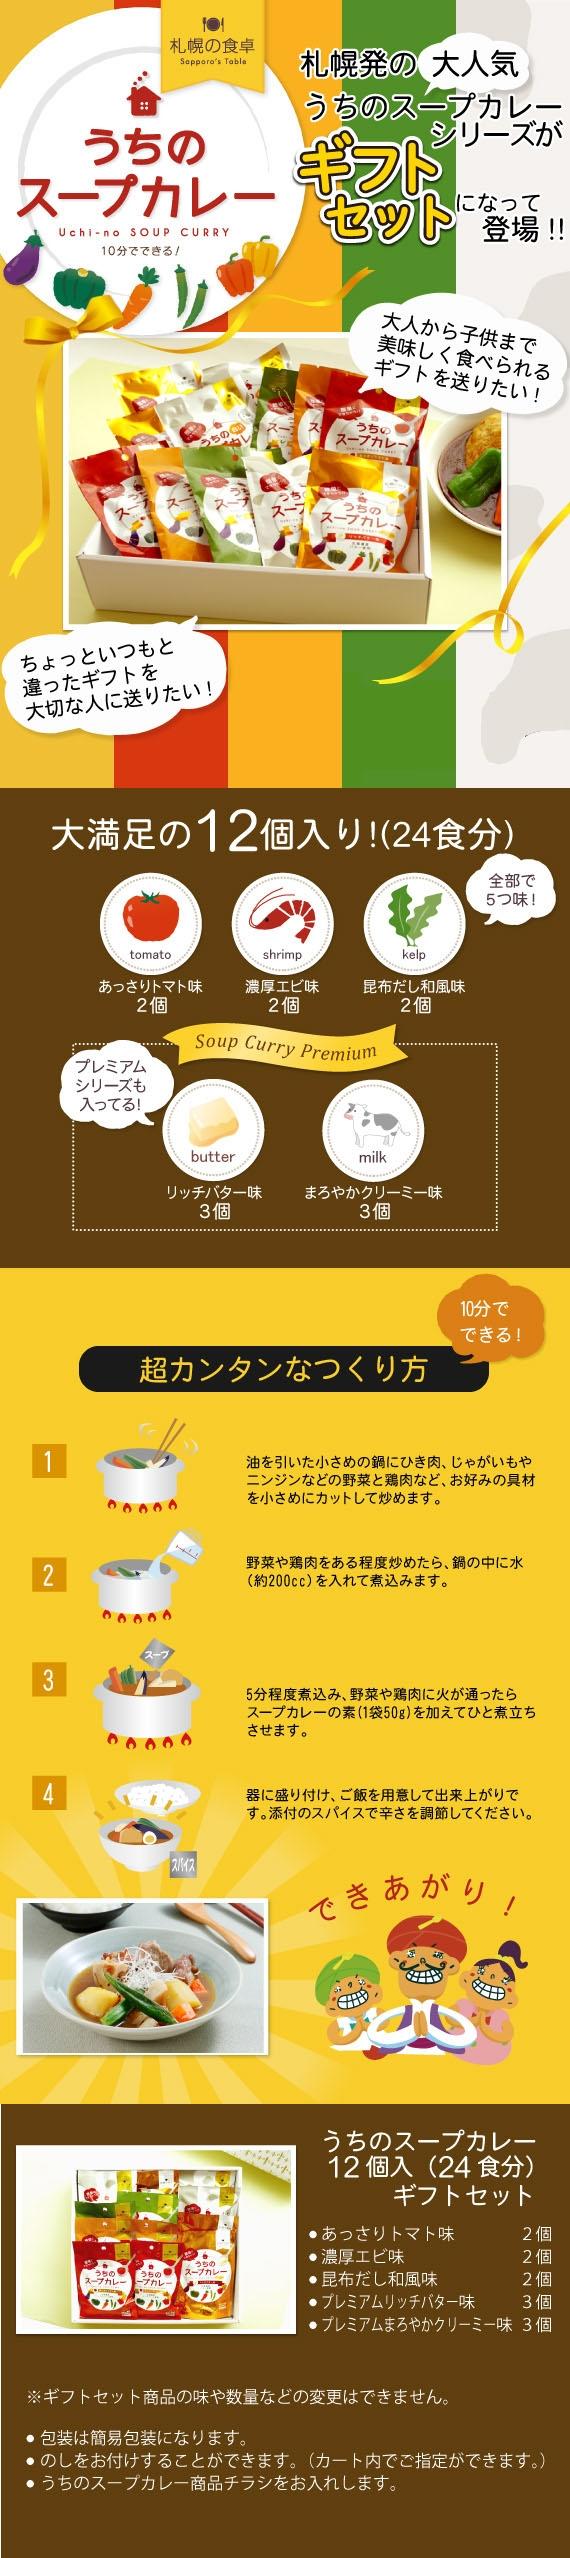 <47CLUB> 札幌の食卓 うちのスープカレー バラエティ ギフト画像